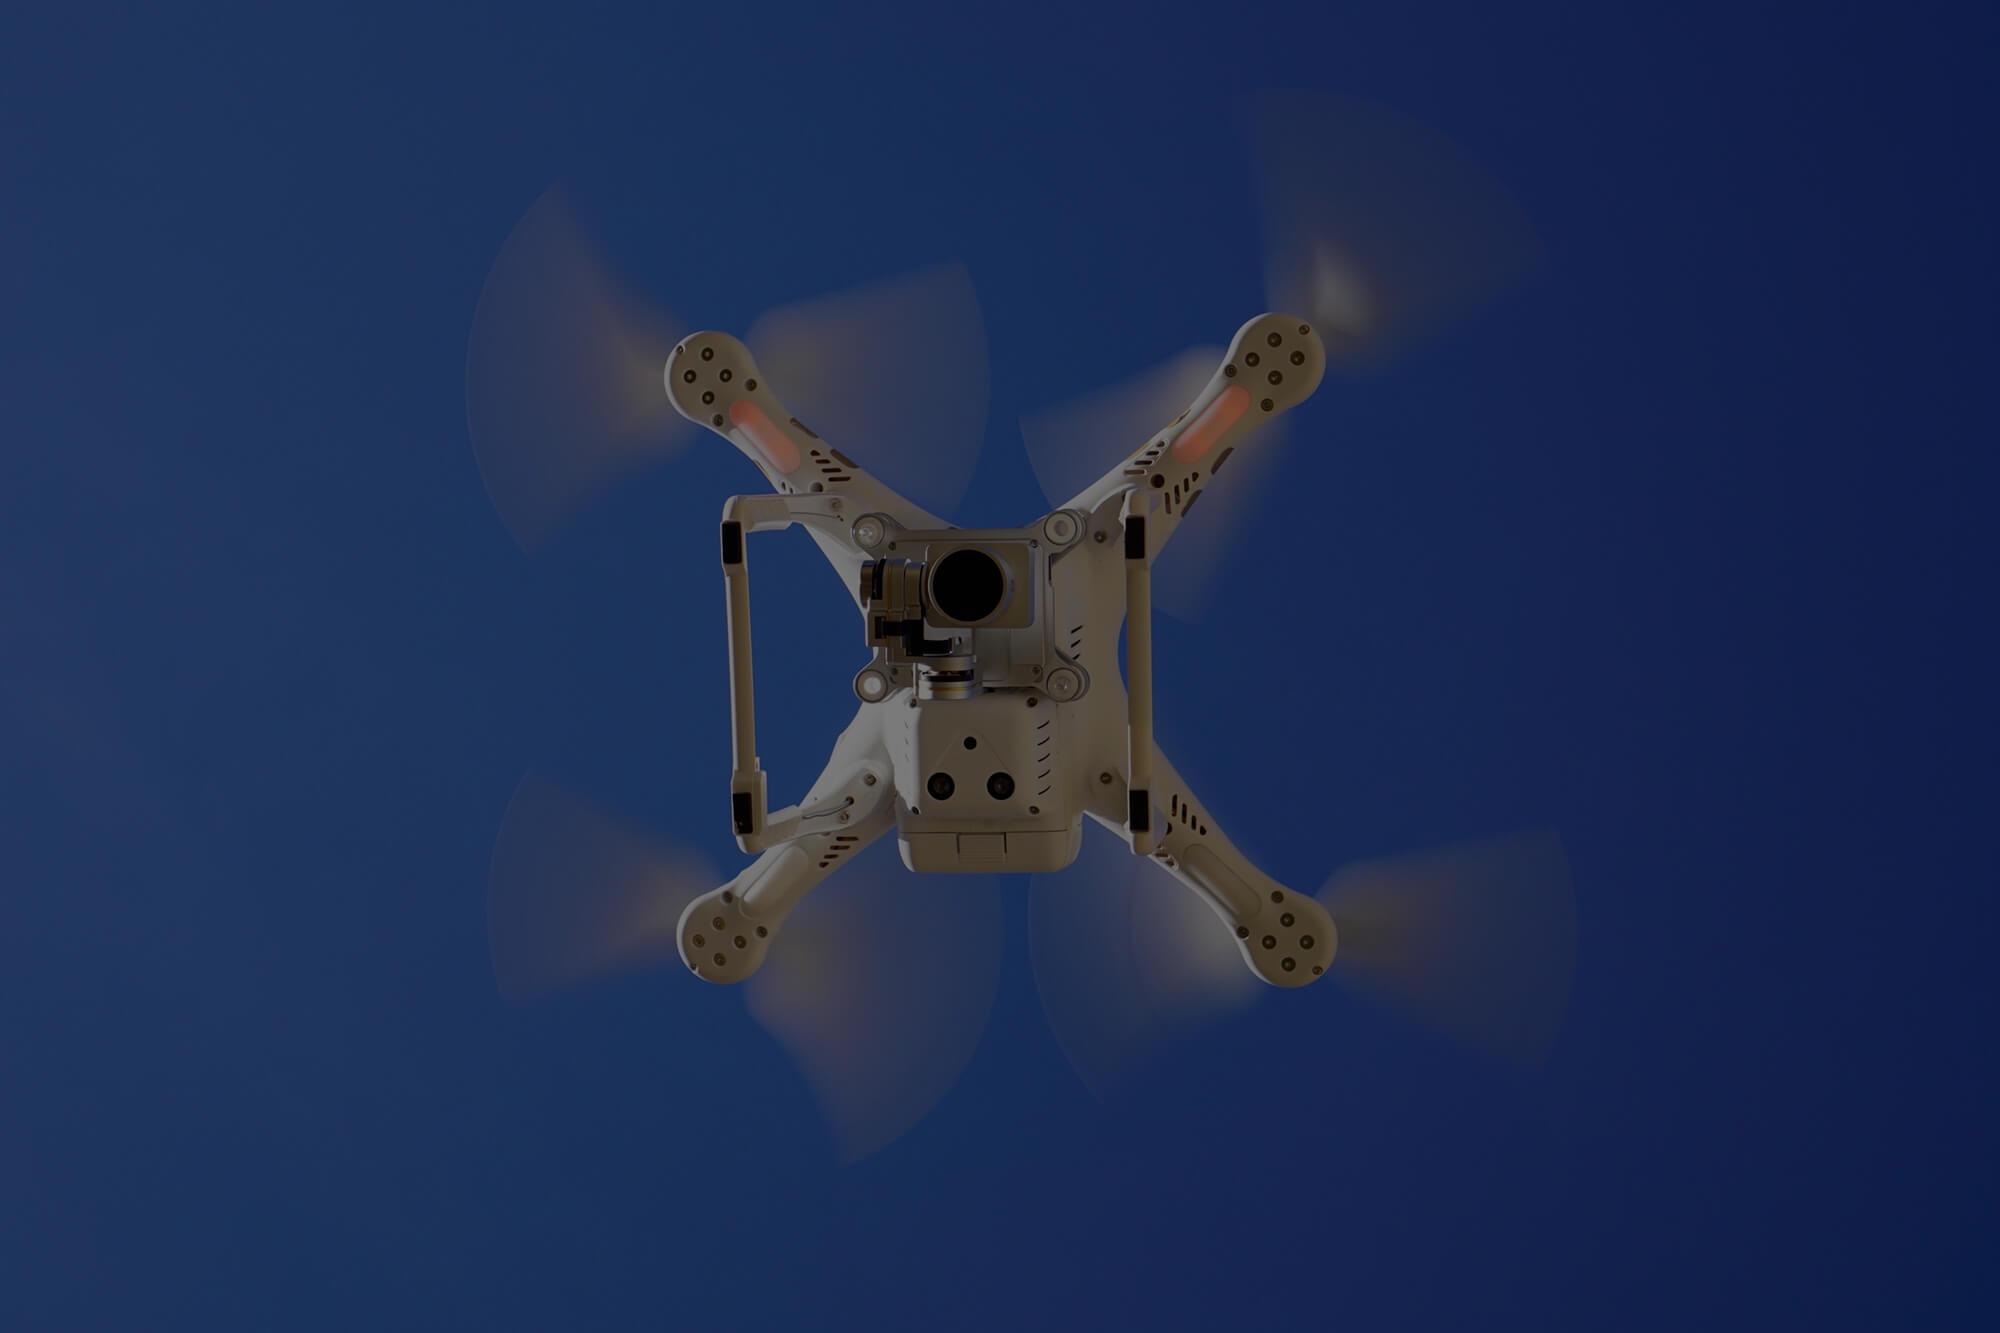 drones in 2020